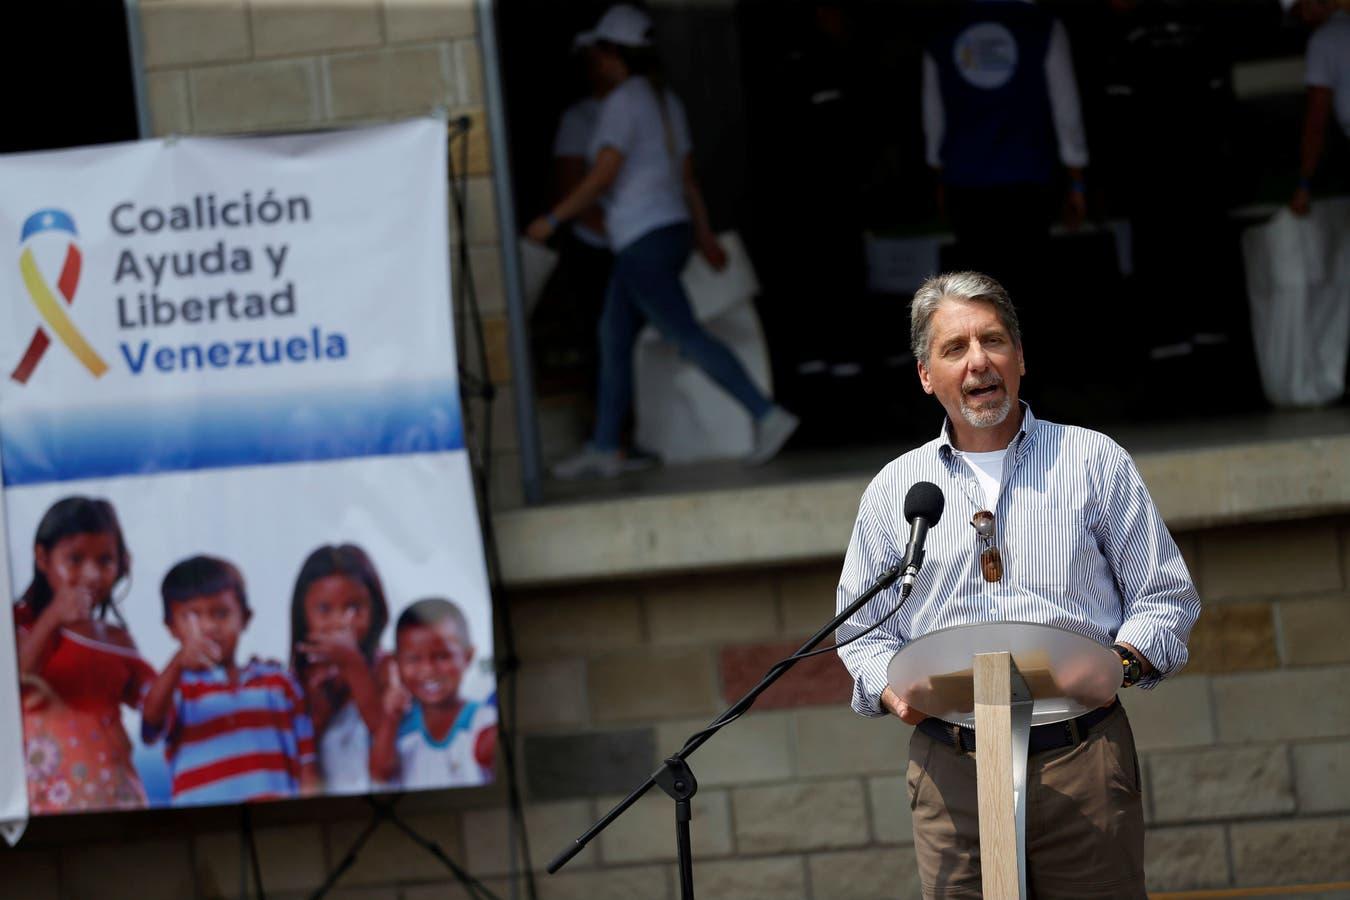 El embajador norteamericano en Colombia, Kevin Whitaker hace declaraciones frente a los galpones donde se guarda la ayuda humanitaria en Cúcuta